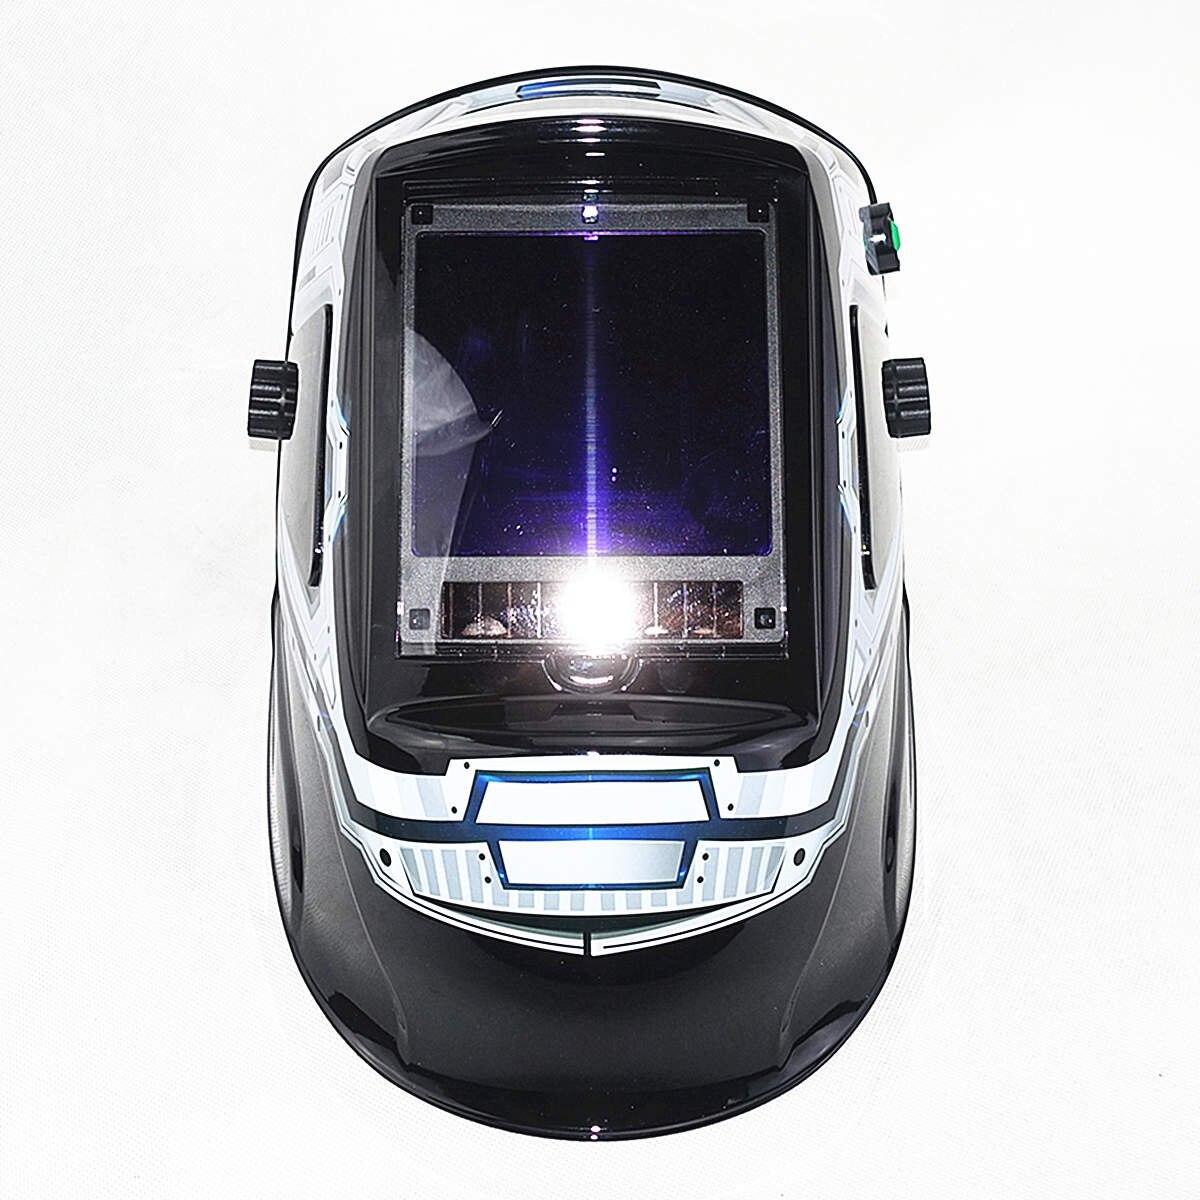 Máscara de soldadura de escurecimento automático 3 vista windows tamanho 100x93mm (3.94x3.66 ) din 4 13 óptico 1111 5 sensores ce capacete de soldagem - 2